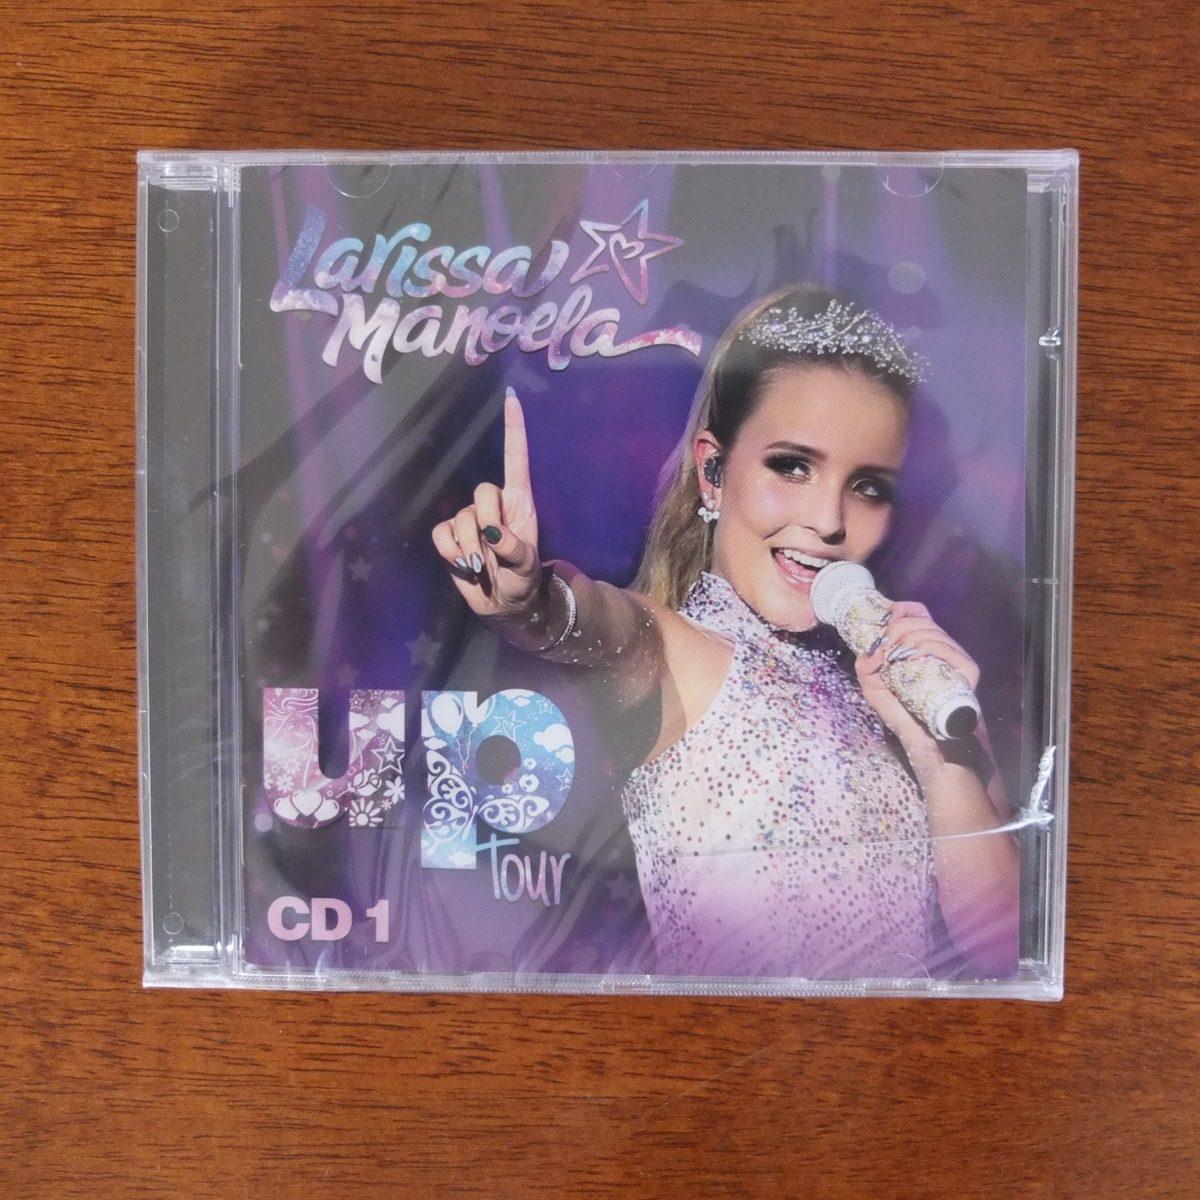 247e39e8173c7 Cd - Larissa Manoela - Up Tour - Cd 1 - R  14,00 em Mercado Livre